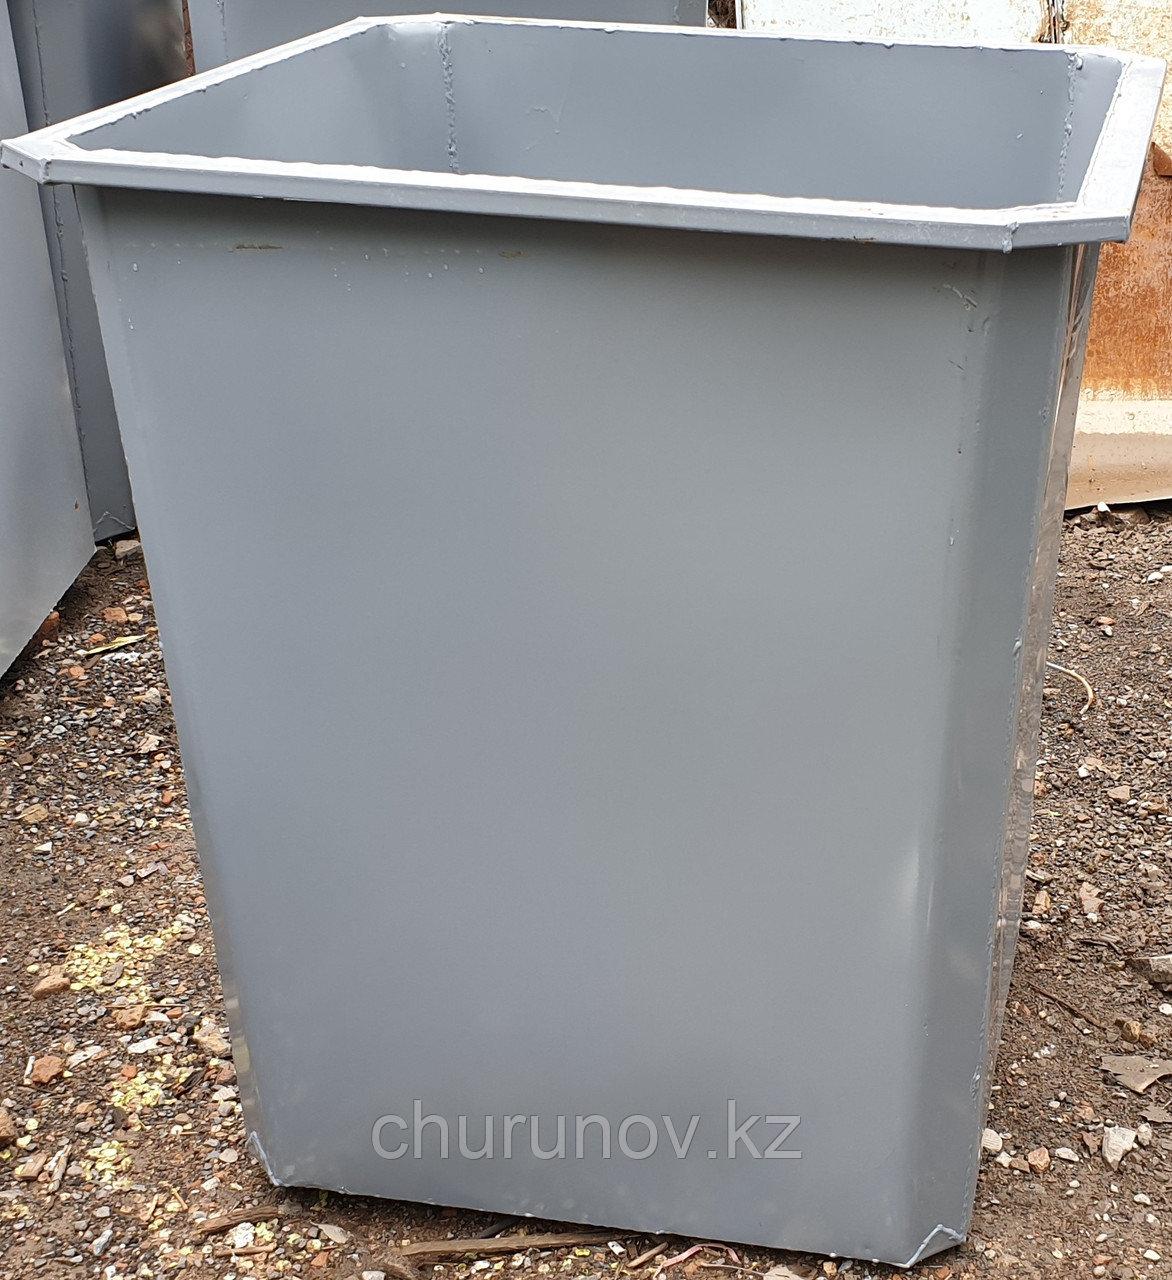 Мусорные контейнеры толщиной 2 мм (НДС 12% в т.ч.)